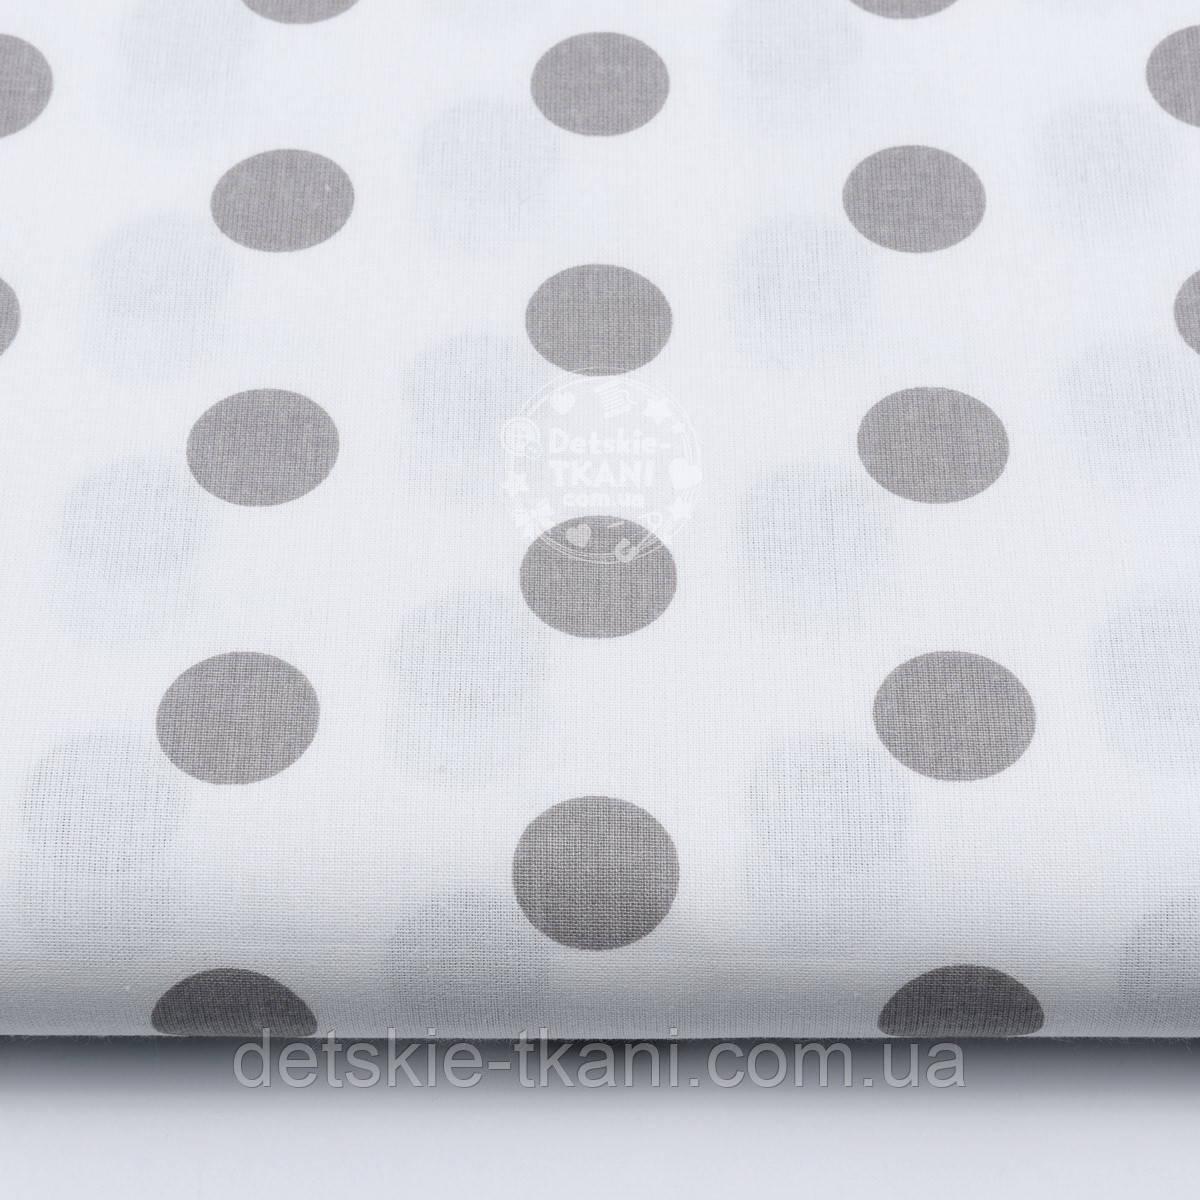 Ткань с крупными серыми горохами на белом фоне (№10).